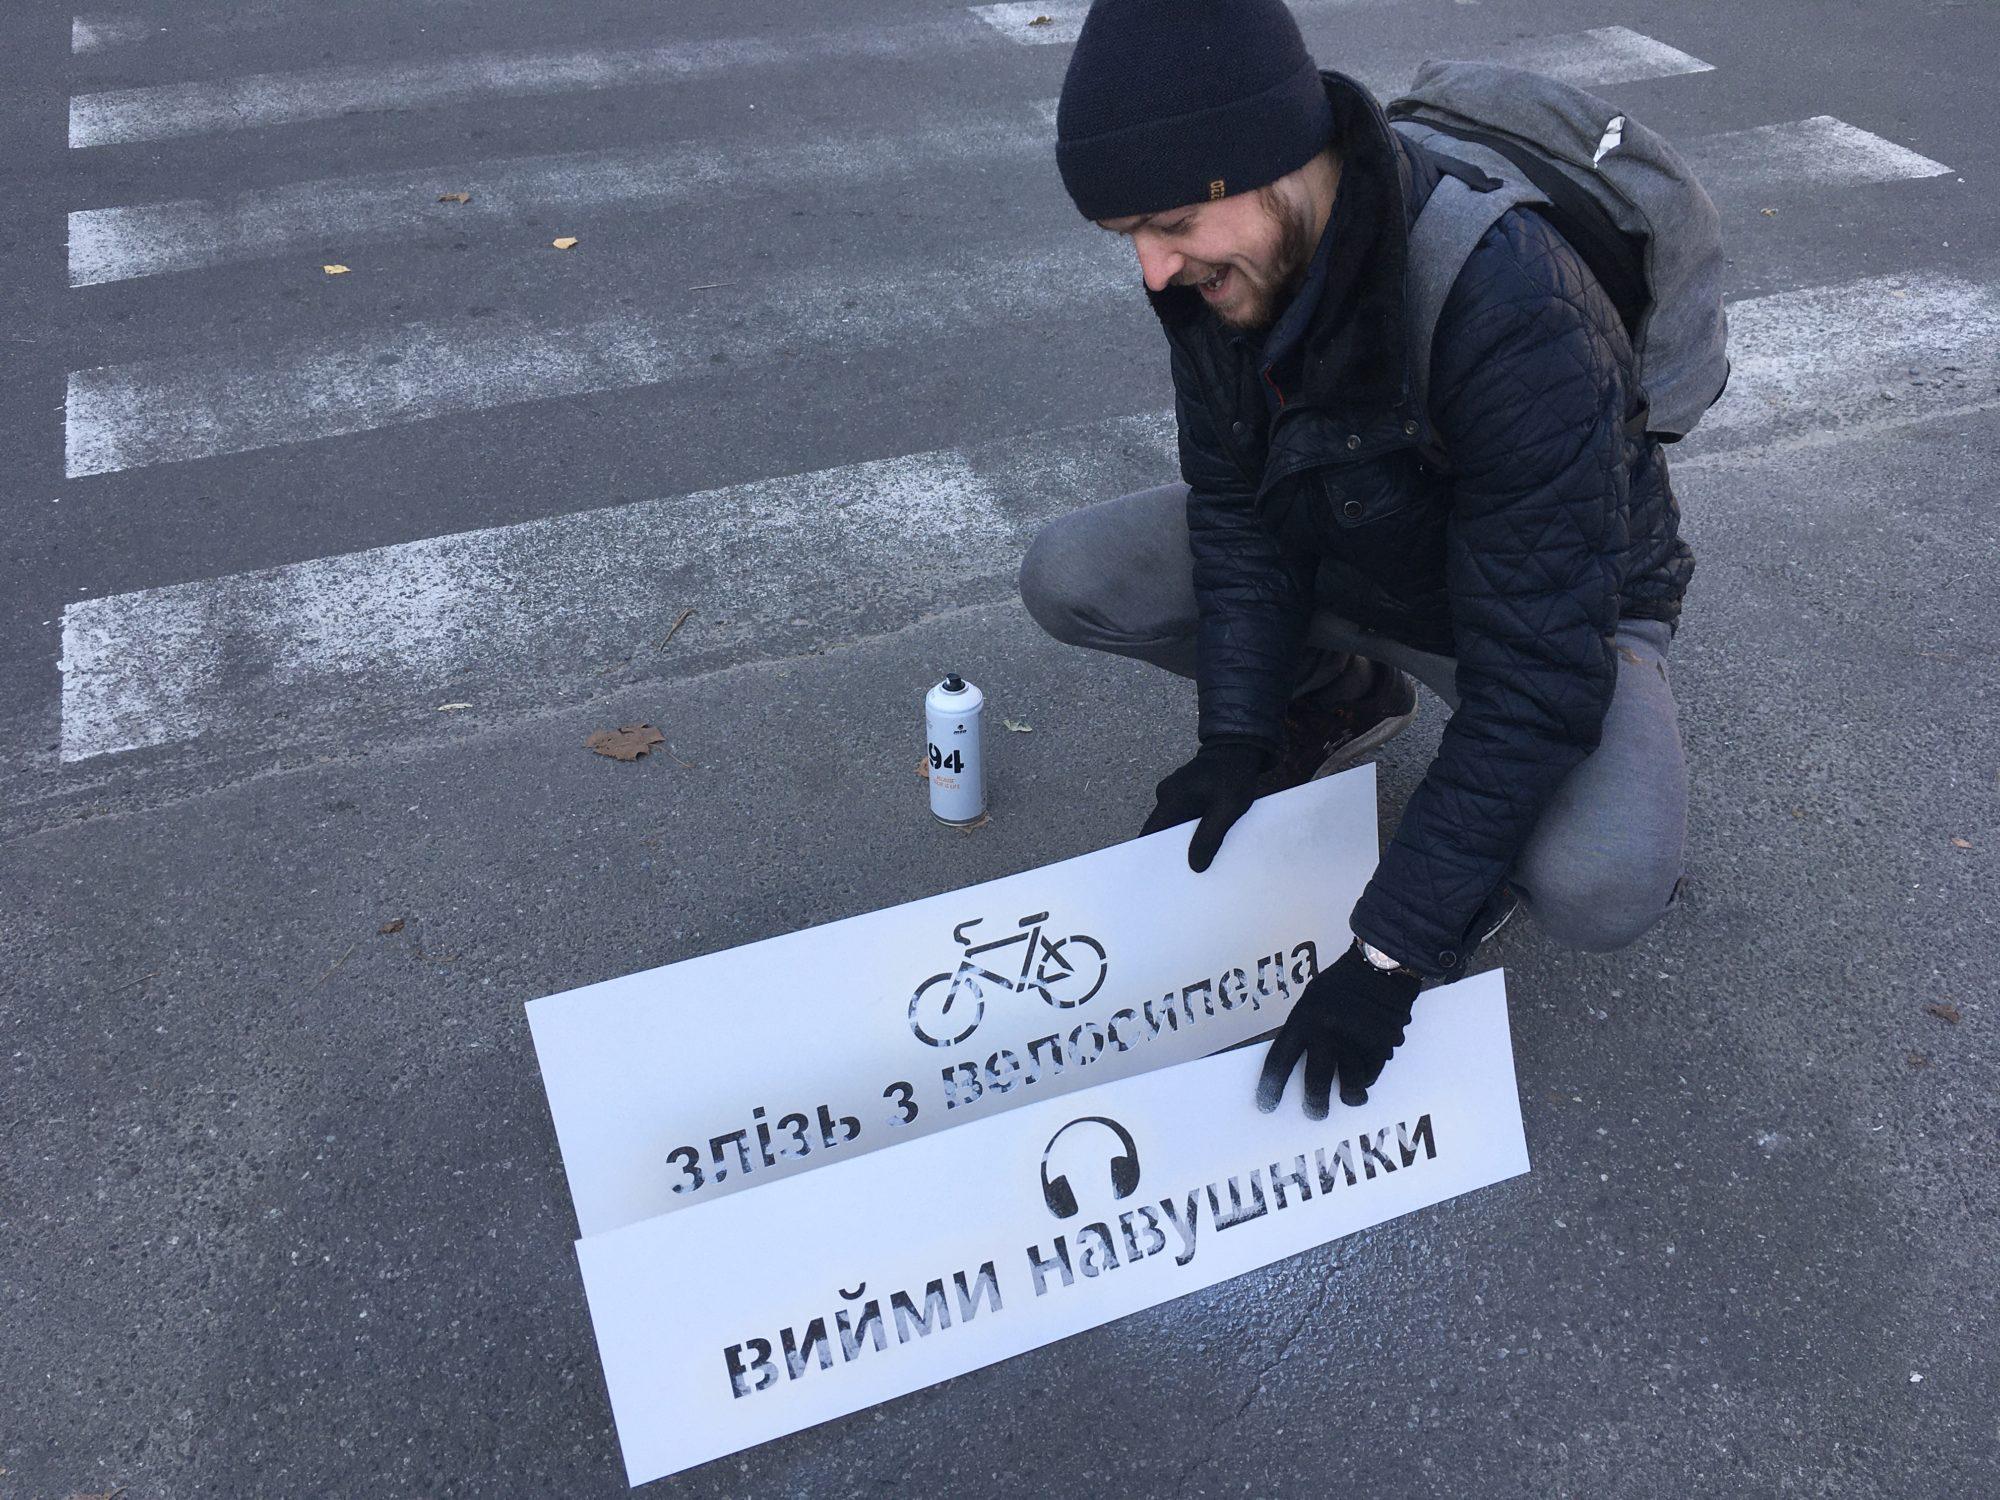 Біля «зебр» в Українці з'явилися малюнки -  - 21E2E156 7180 4BFE 948A 06597C504612 2000x1500